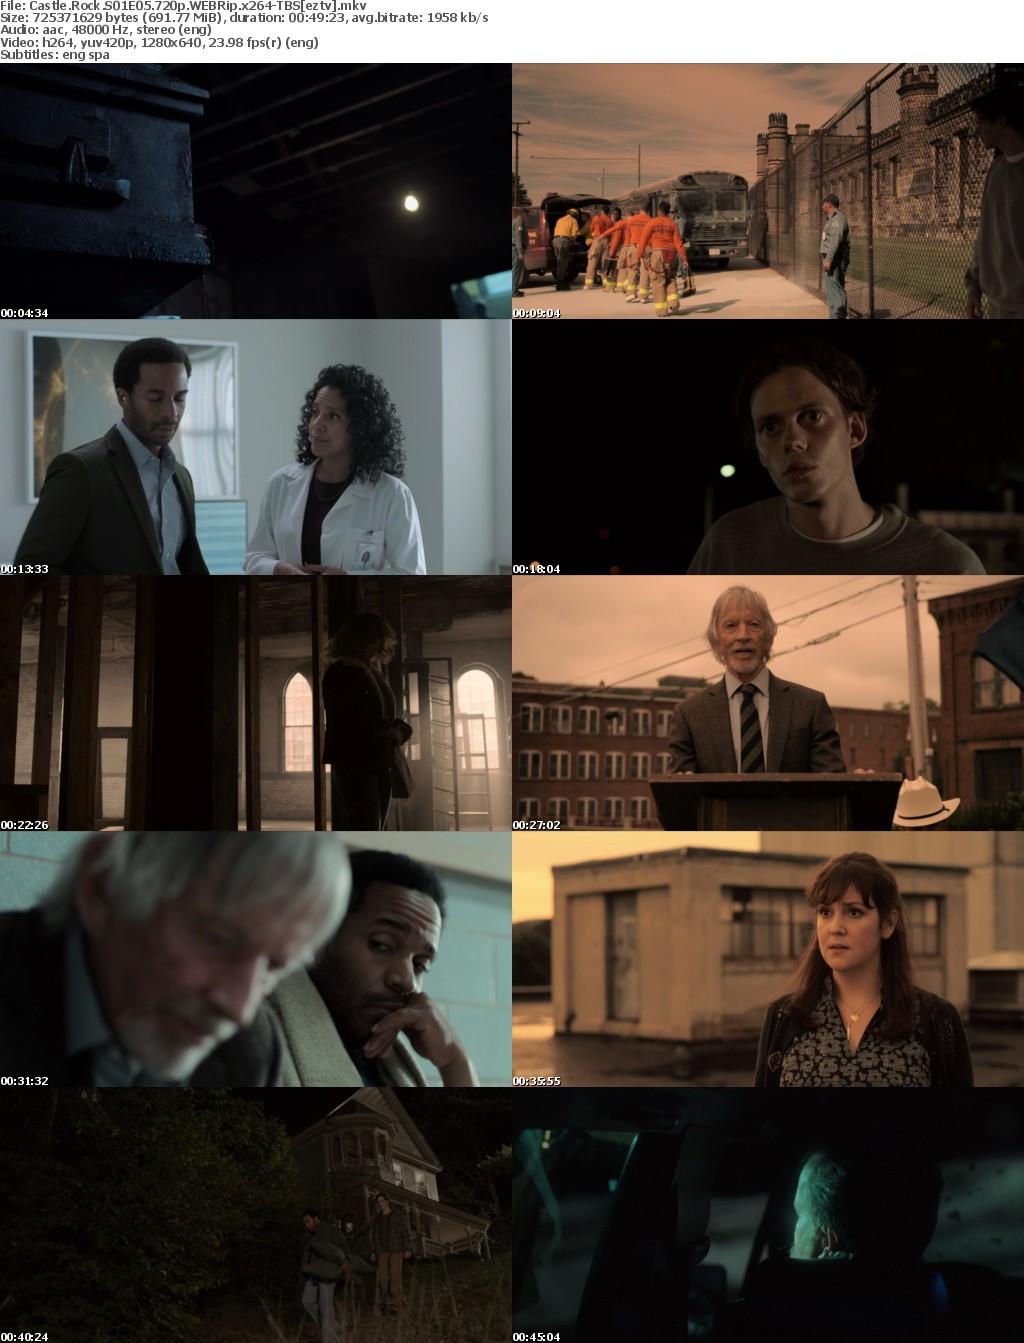 Castle Rock S01E05 720p WEBRip x264-TBS